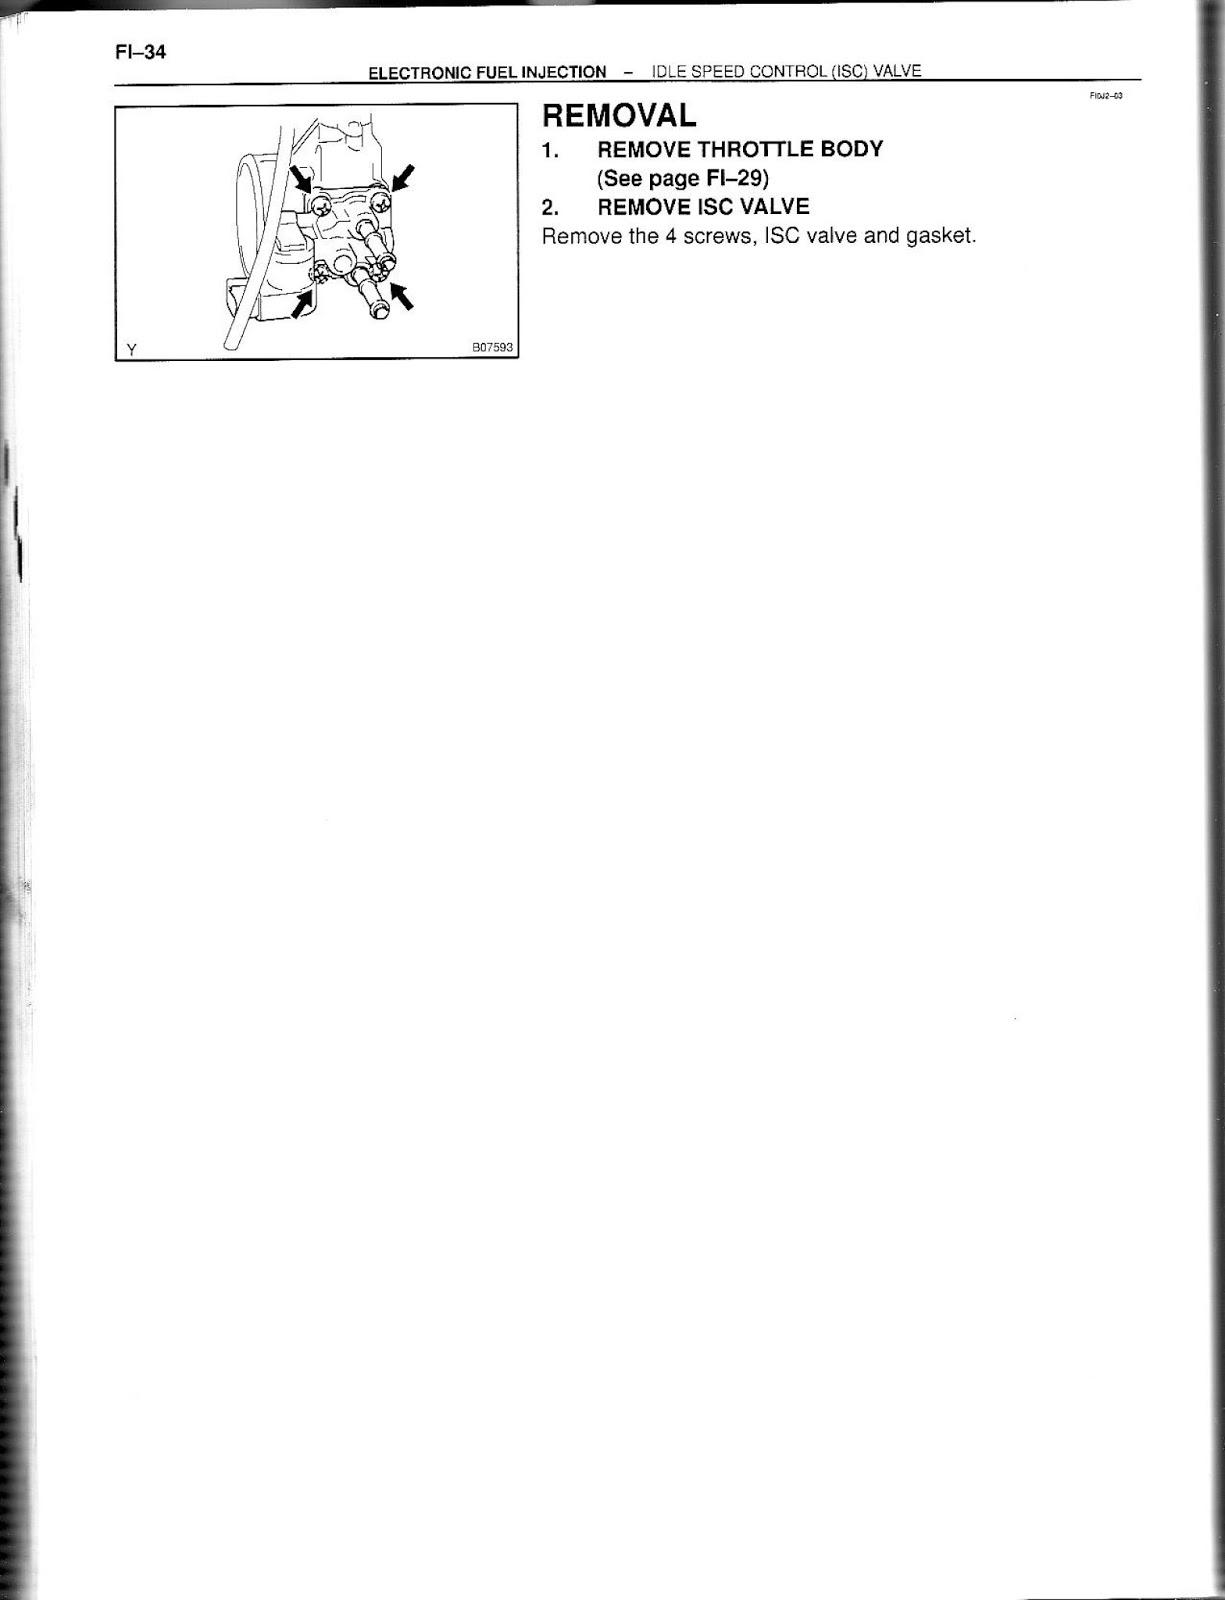 1kd engine repair manual pdf